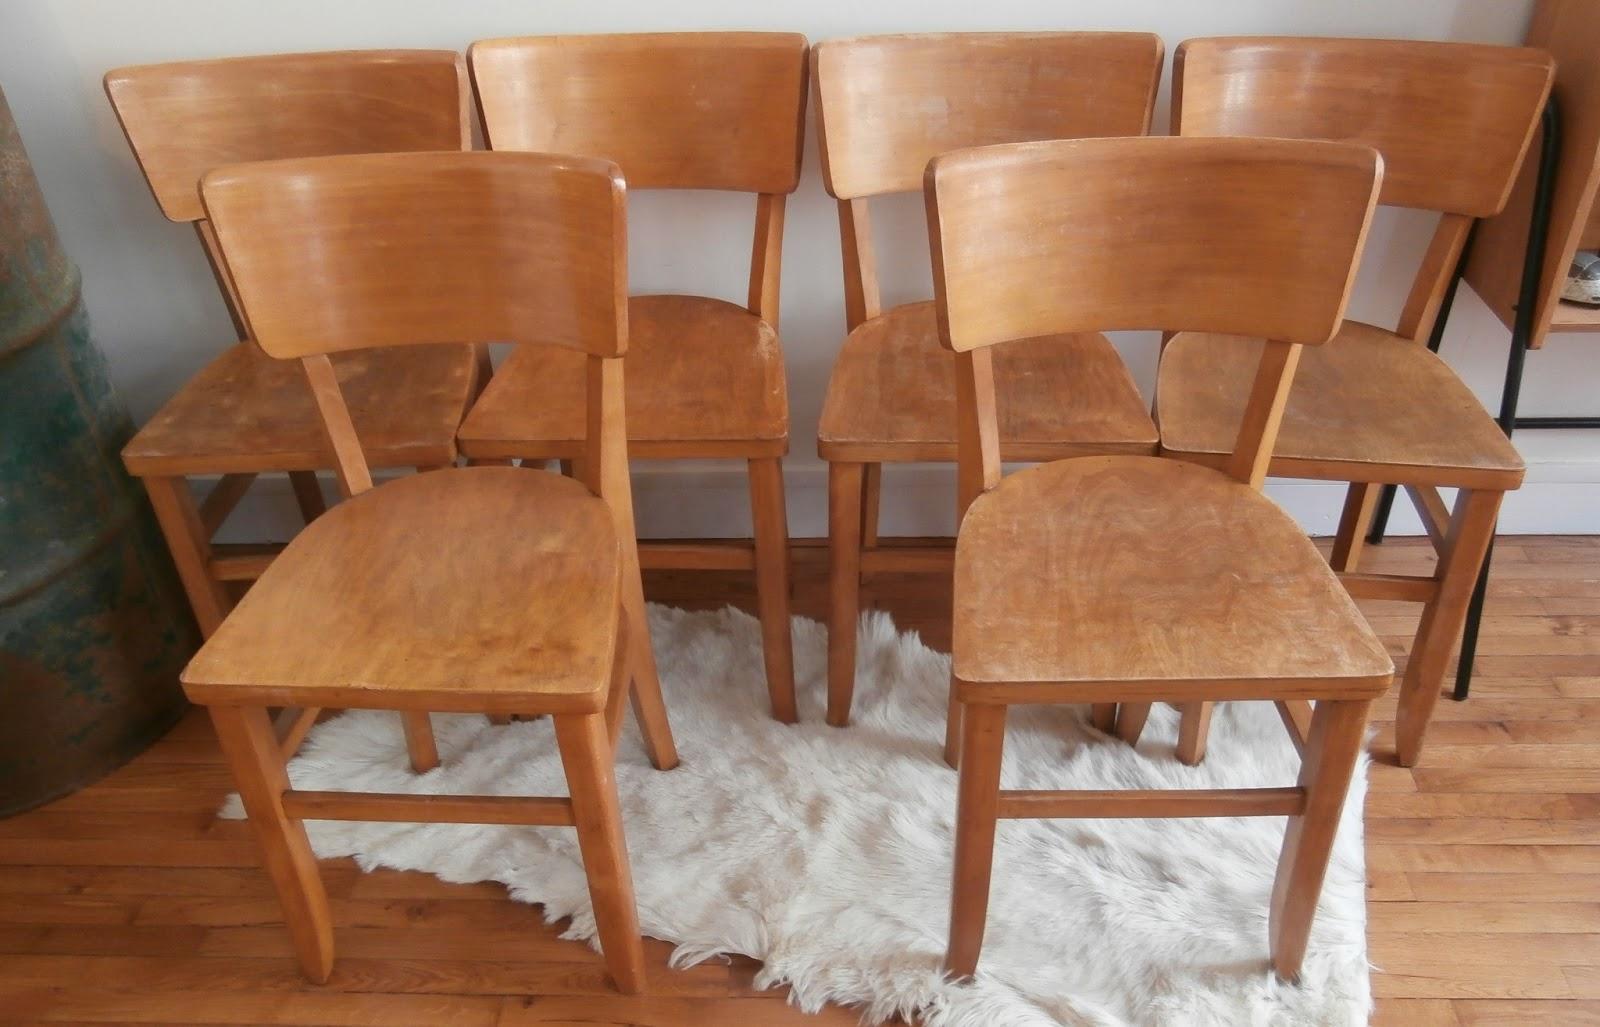 Dur e de vie ind termin e 6 chaises bistrot for Duree de vie d un chene